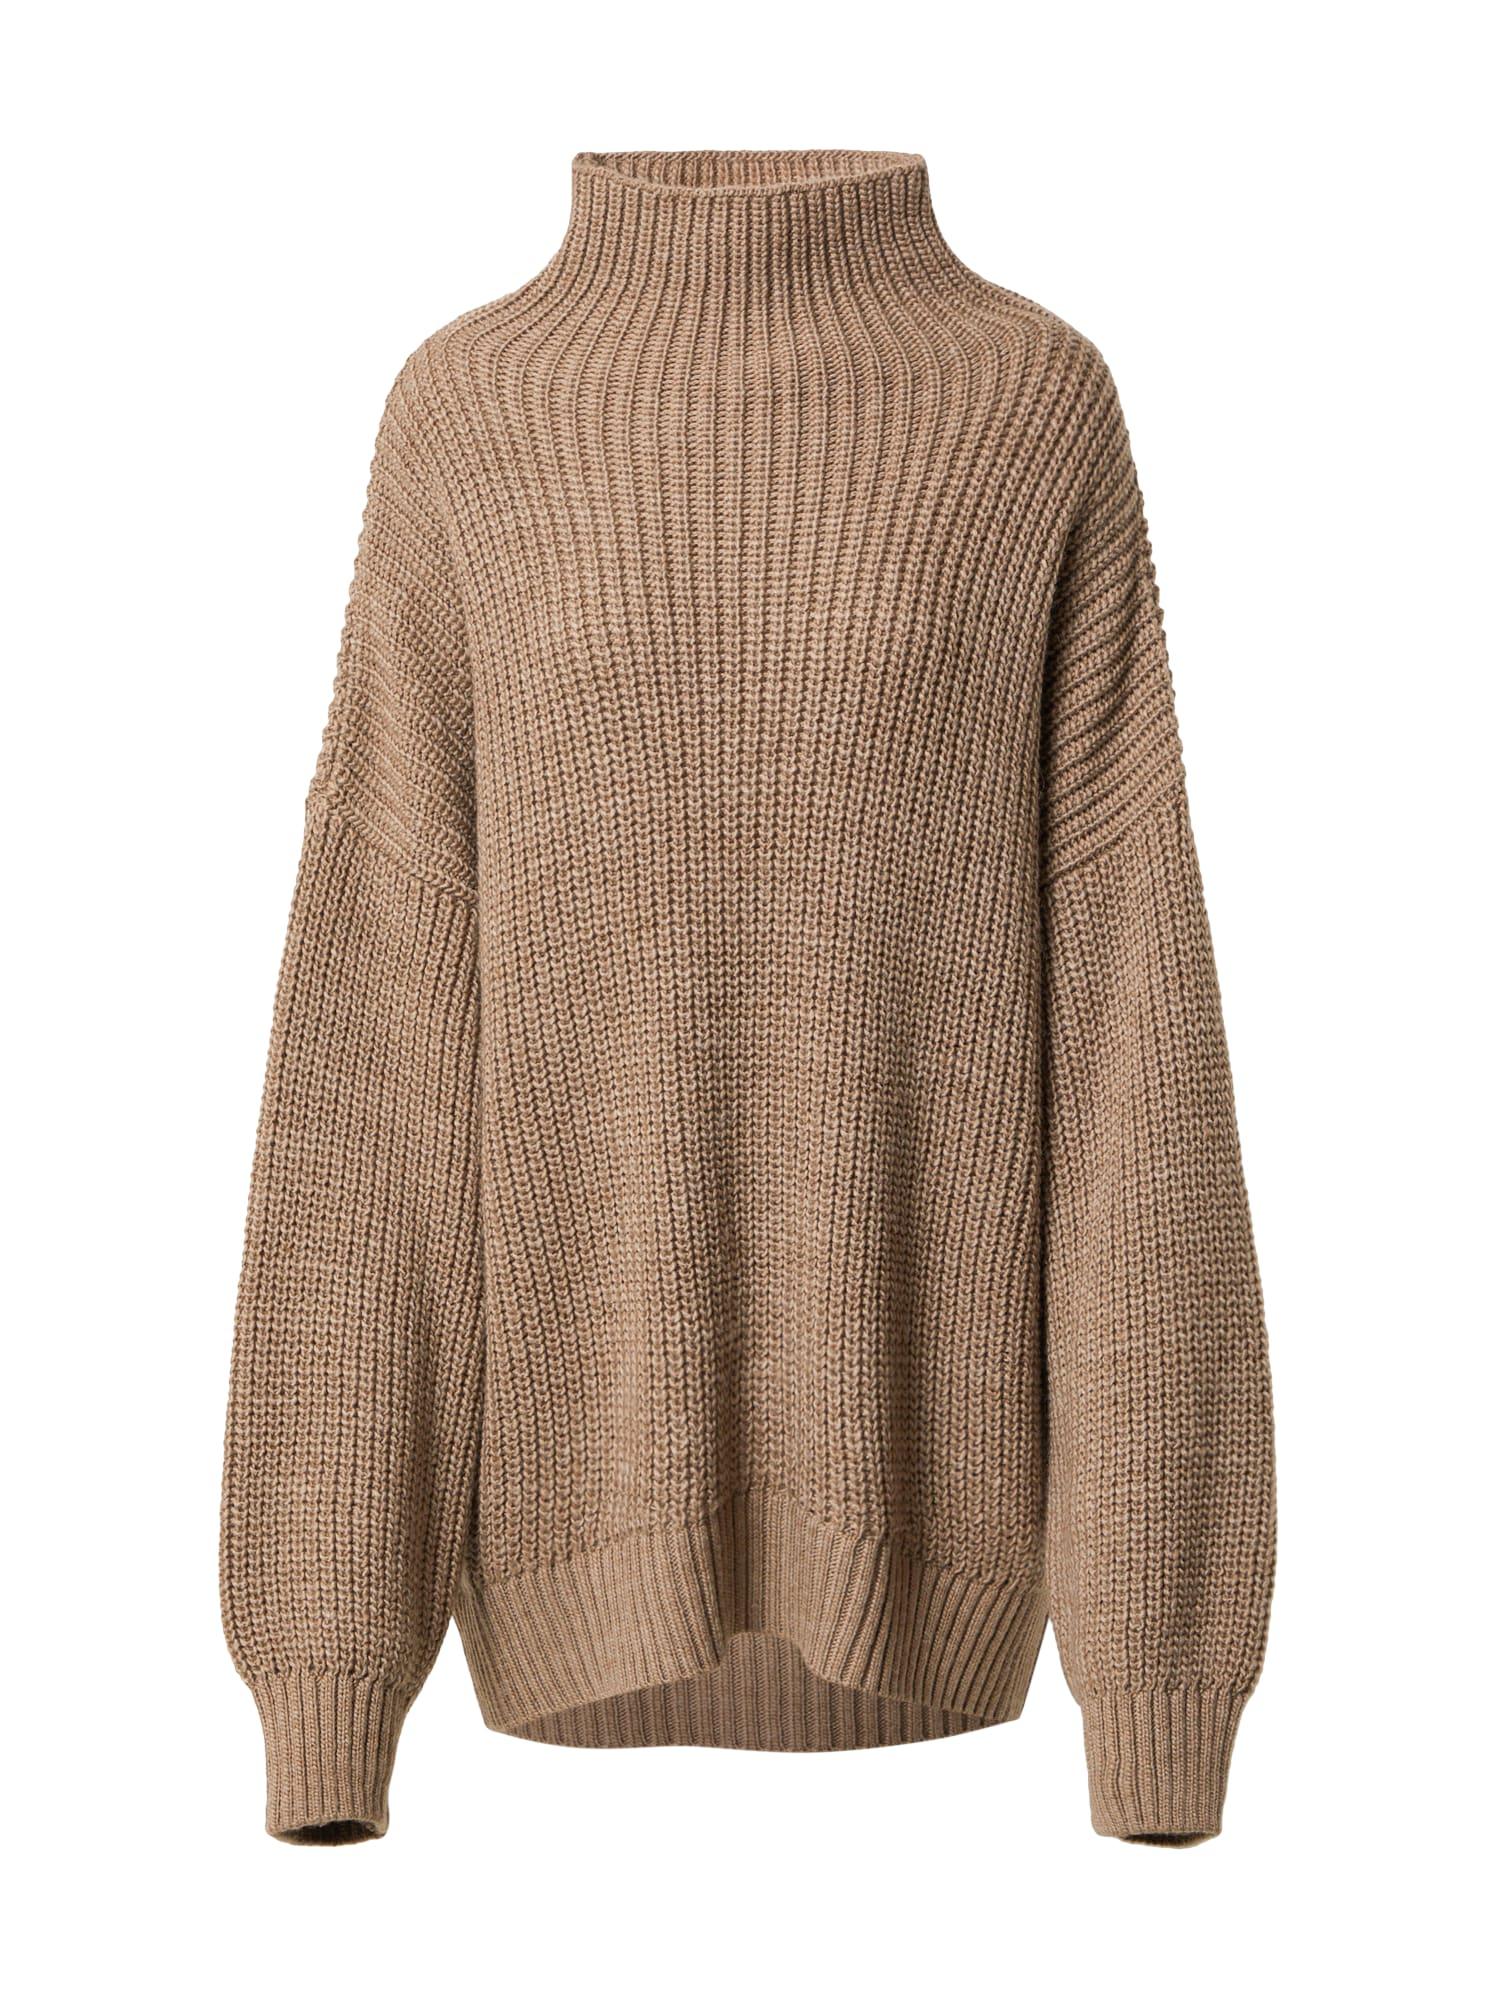 Karo Kauer Megztinis ruda